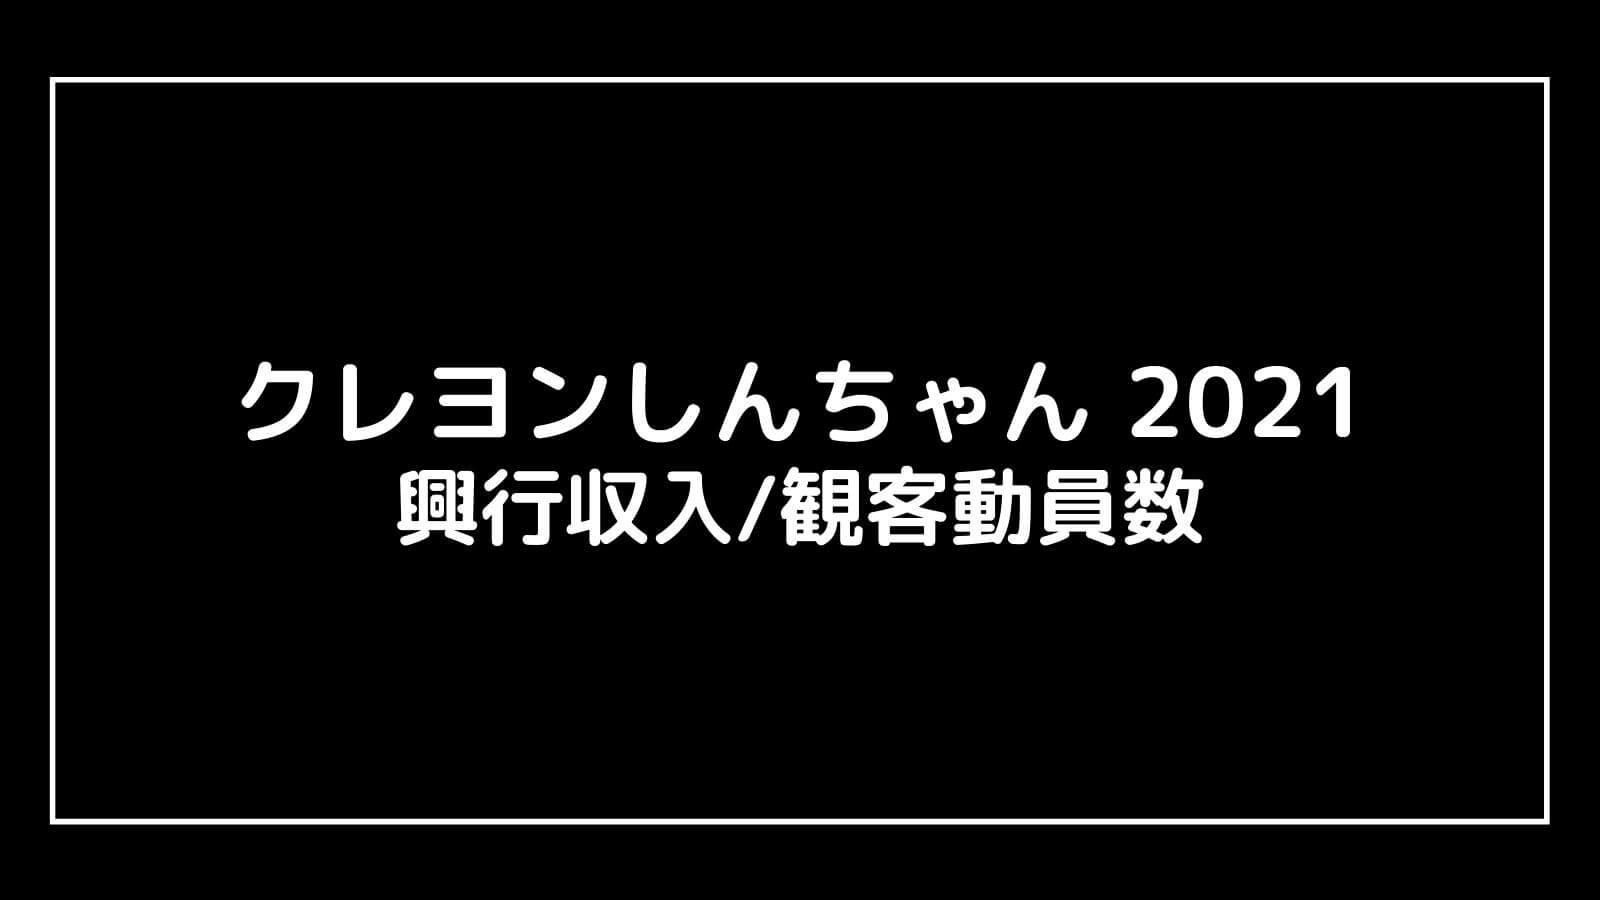 『映画クレヨンしんちゃん2021』興行収入推移と最終興収を元映画館社員が予想【謎メキ!花の天カス学園】